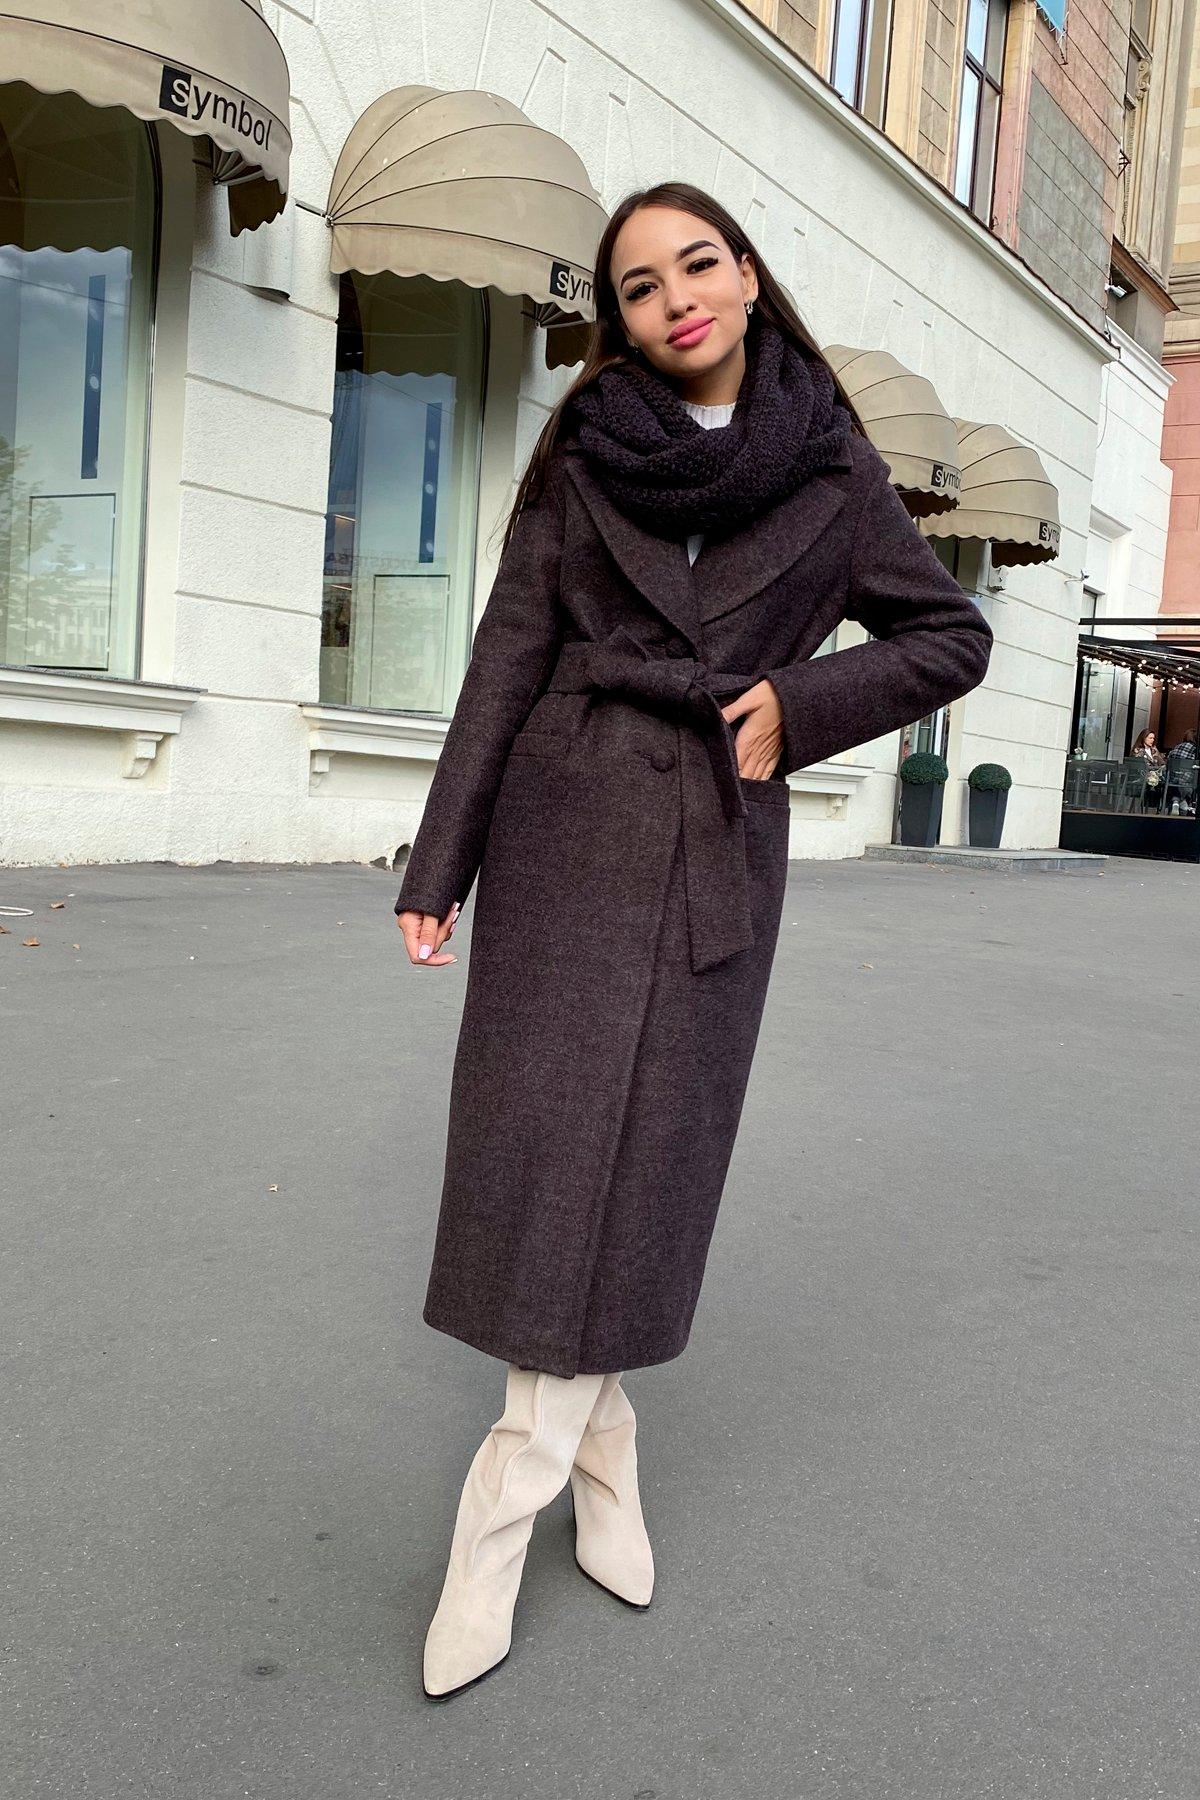 Длинное пальто зима Вива макси 8341 АРТ. 44495 Цвет: Шоколад 7 - фото 8, интернет магазин tm-modus.ru